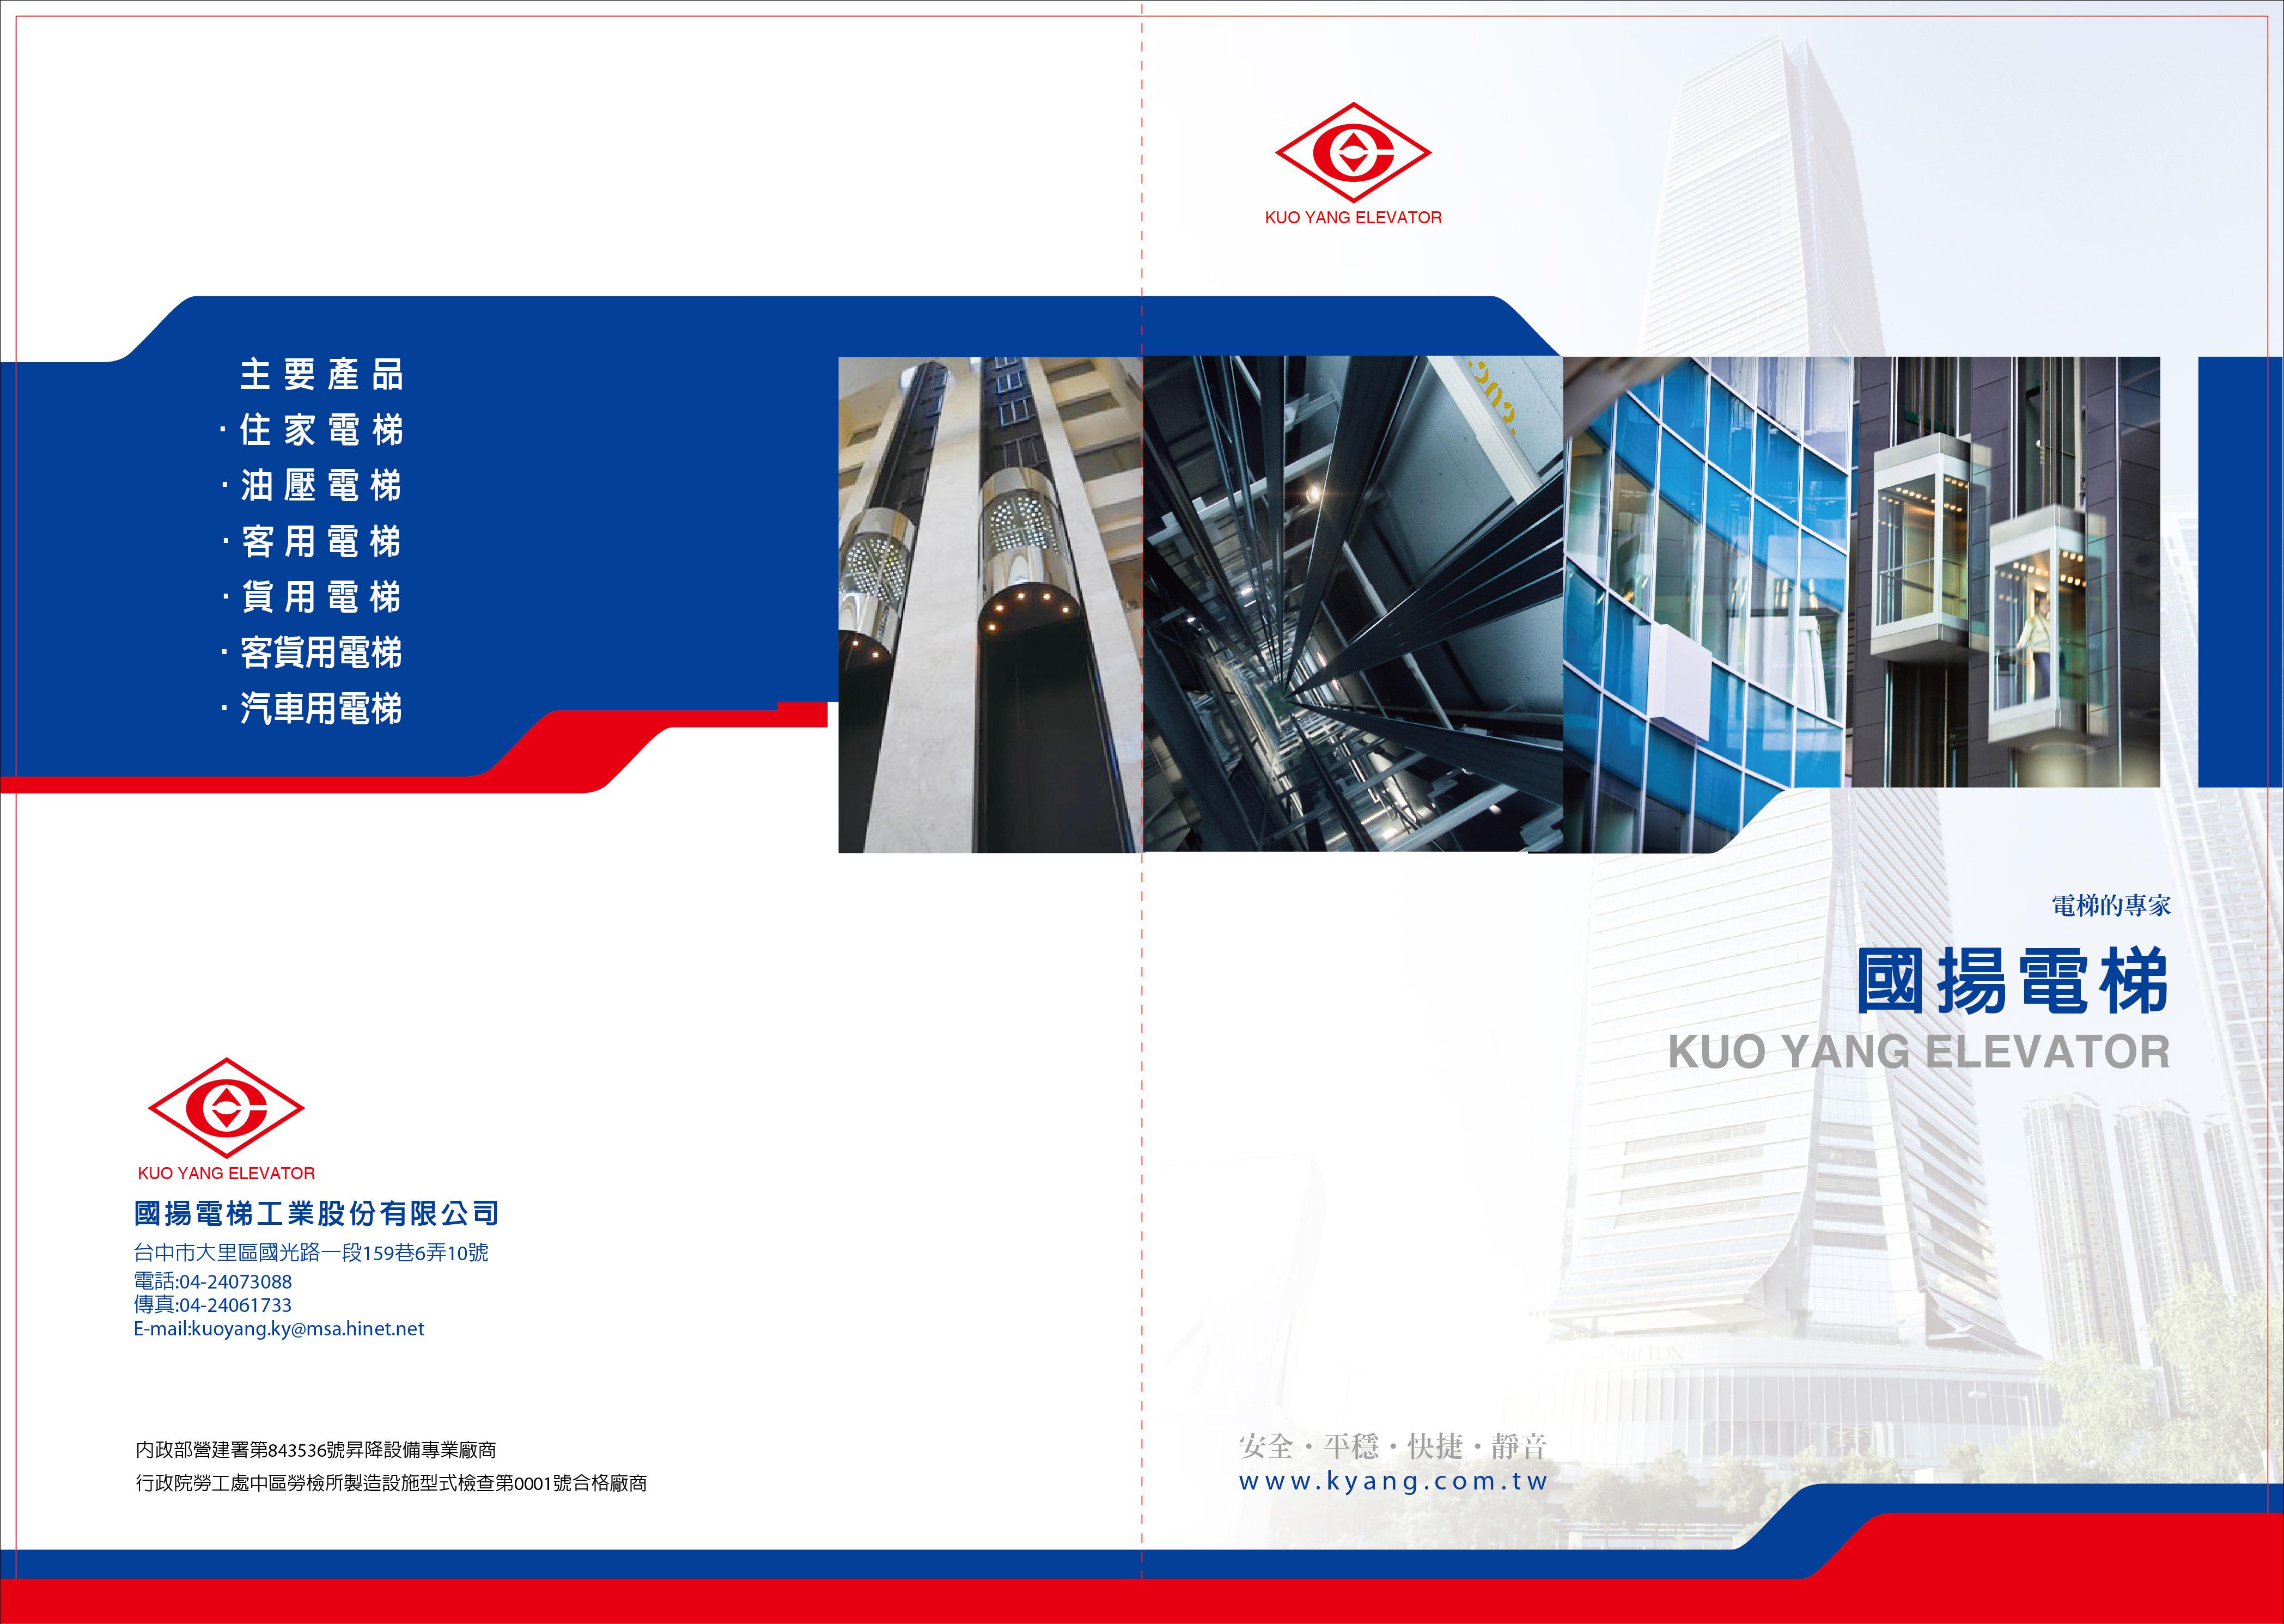 國揚電梯-型錄-封面封底--NN-01.jpg